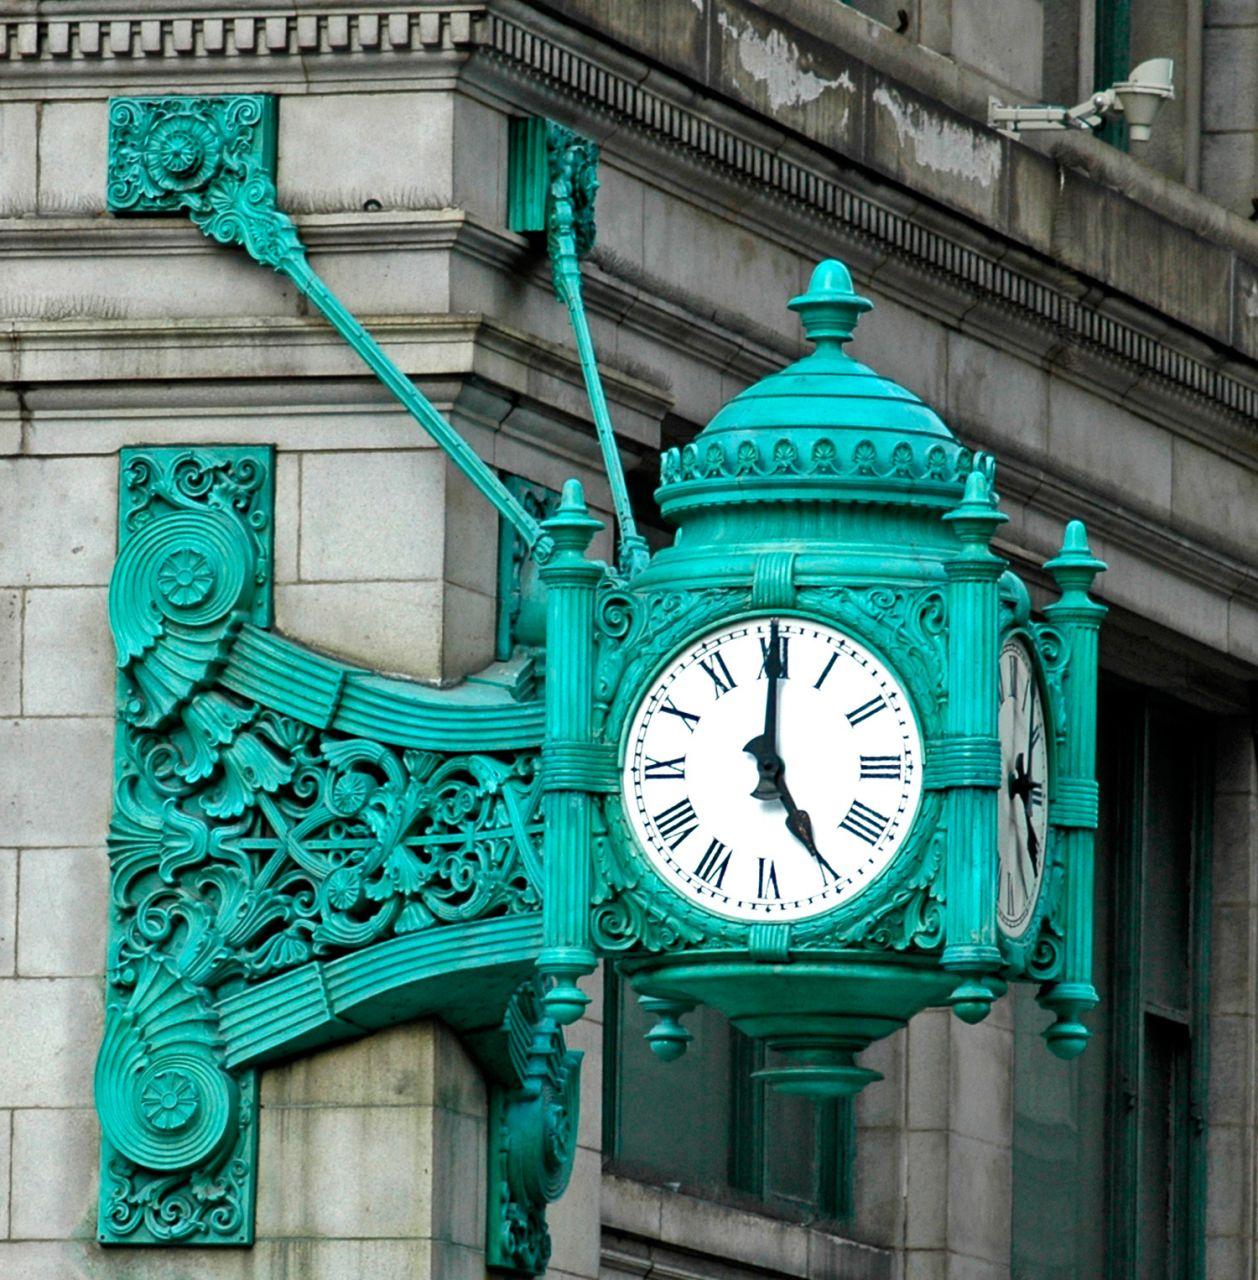 Chicago The Great Clock. Чикаго Достопримечательности Часы у универмага Мейсис